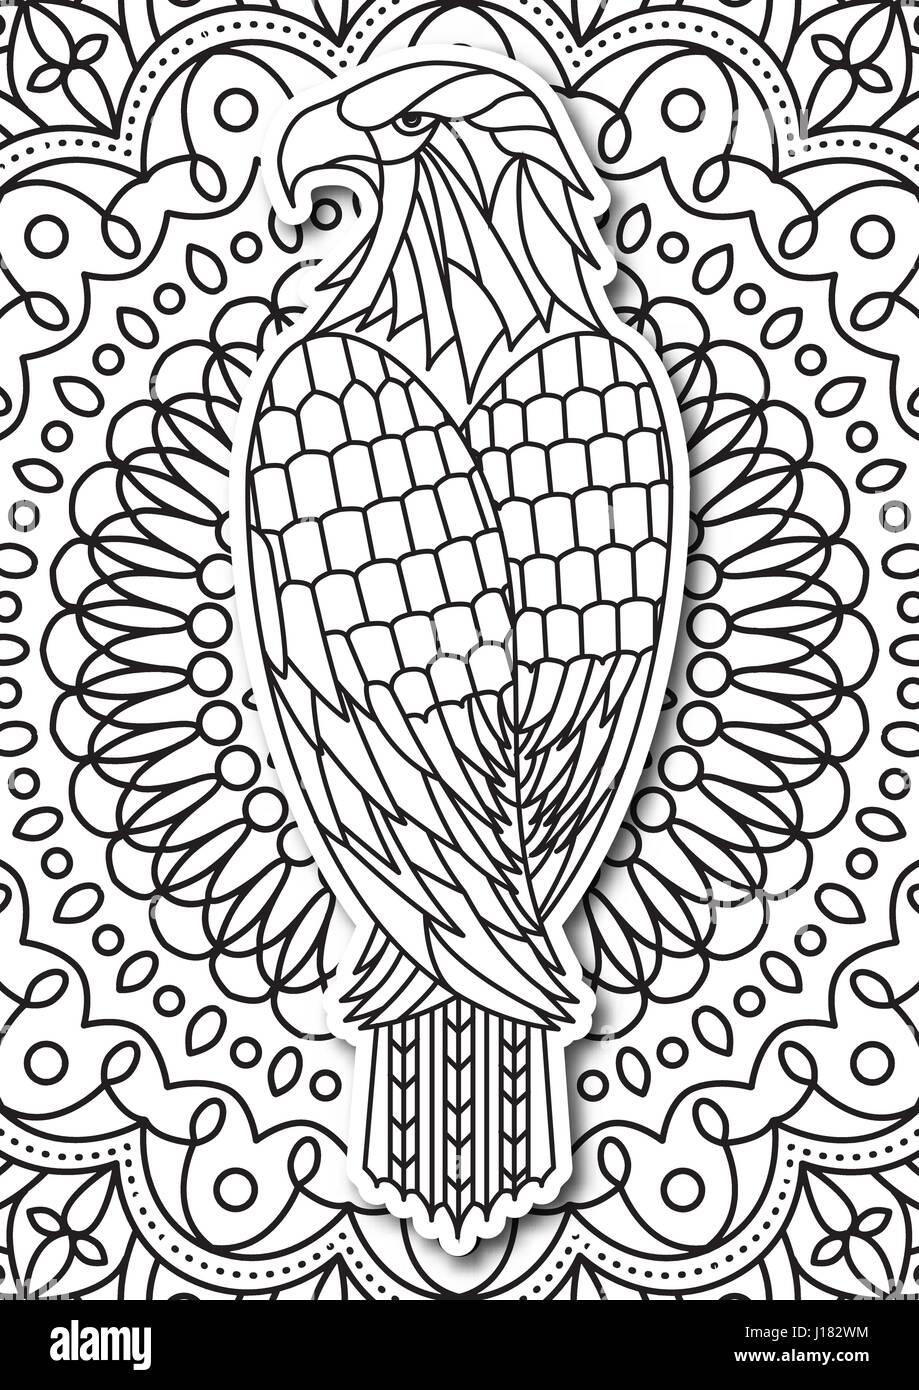 Adler Malvorlagen Für Erwachsene Im Ethno Stil Vektor Hand